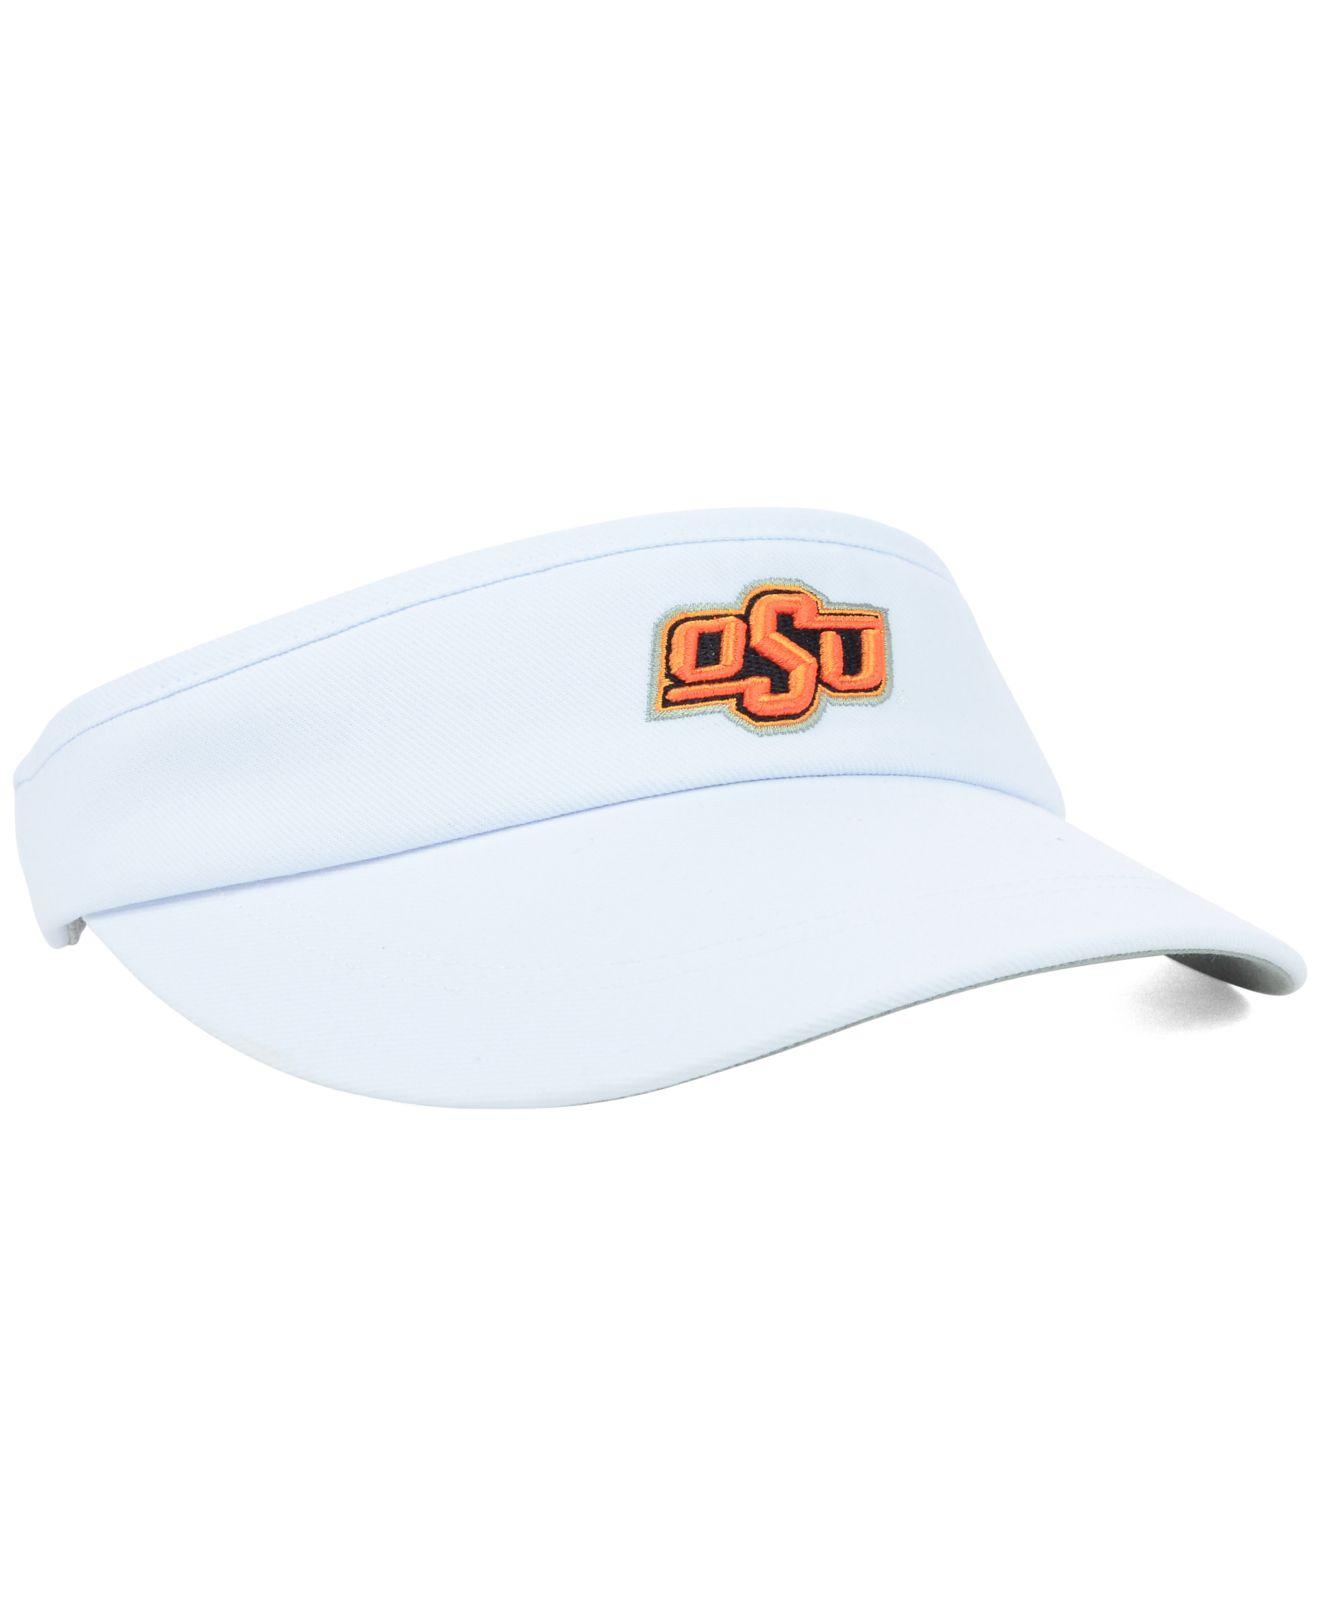 best website e0011 37e71 Nike Oklahoma State Cowboys Sideline Coaches Visor in White for Men ...